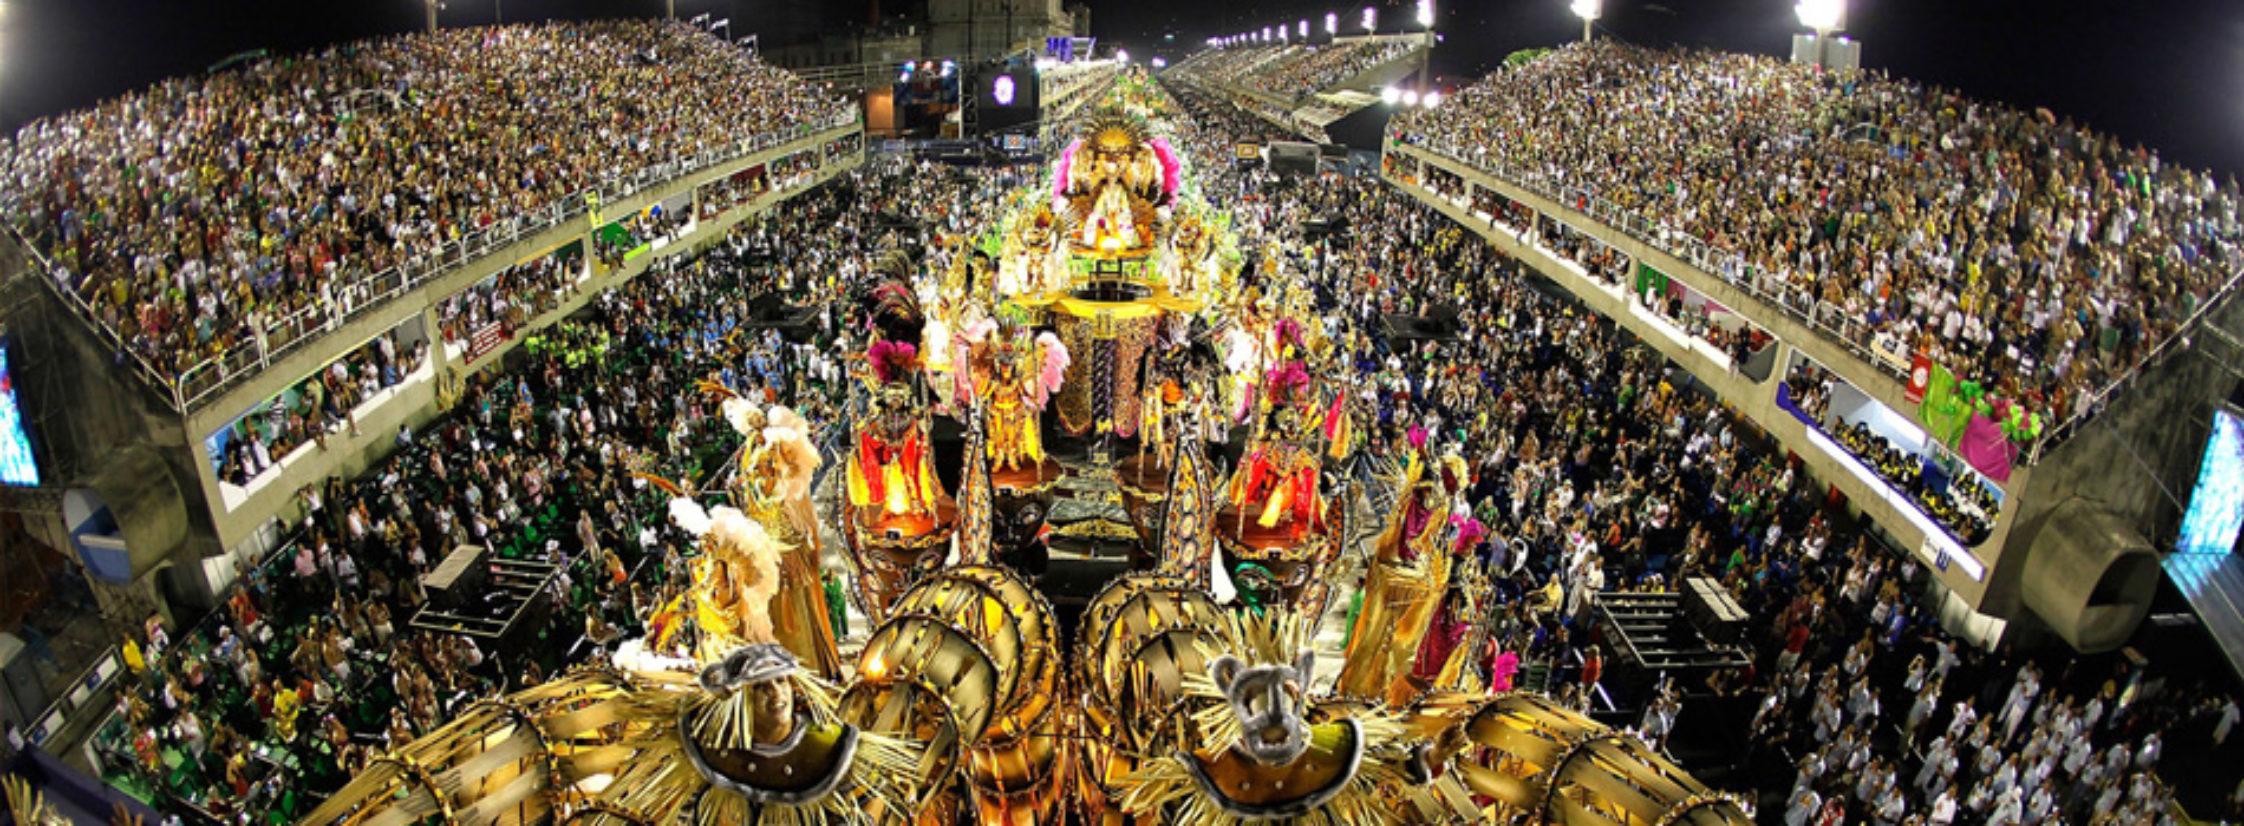 Loisirs : le carnaval sans partir à Rio ?